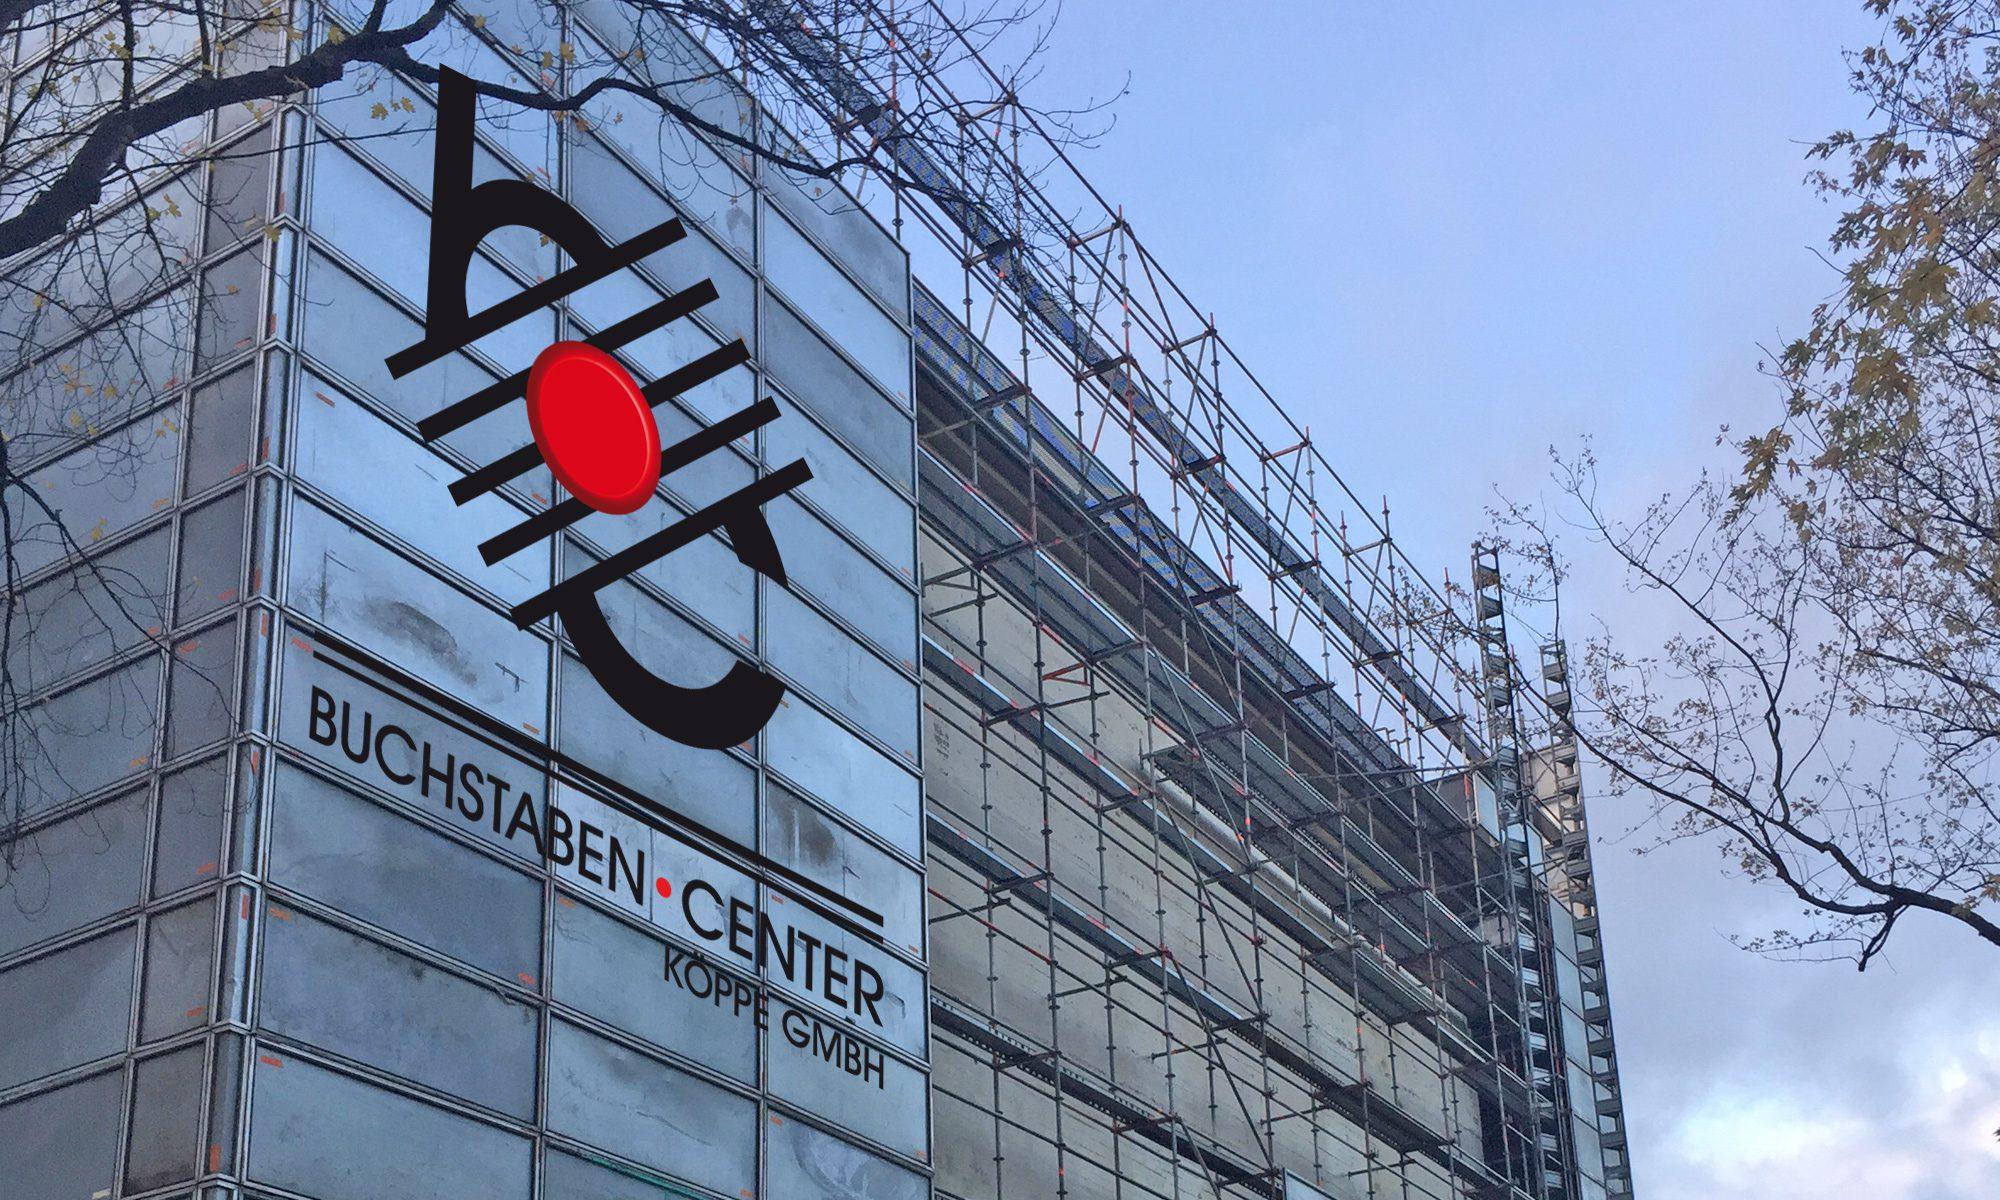 Buchstaben Center